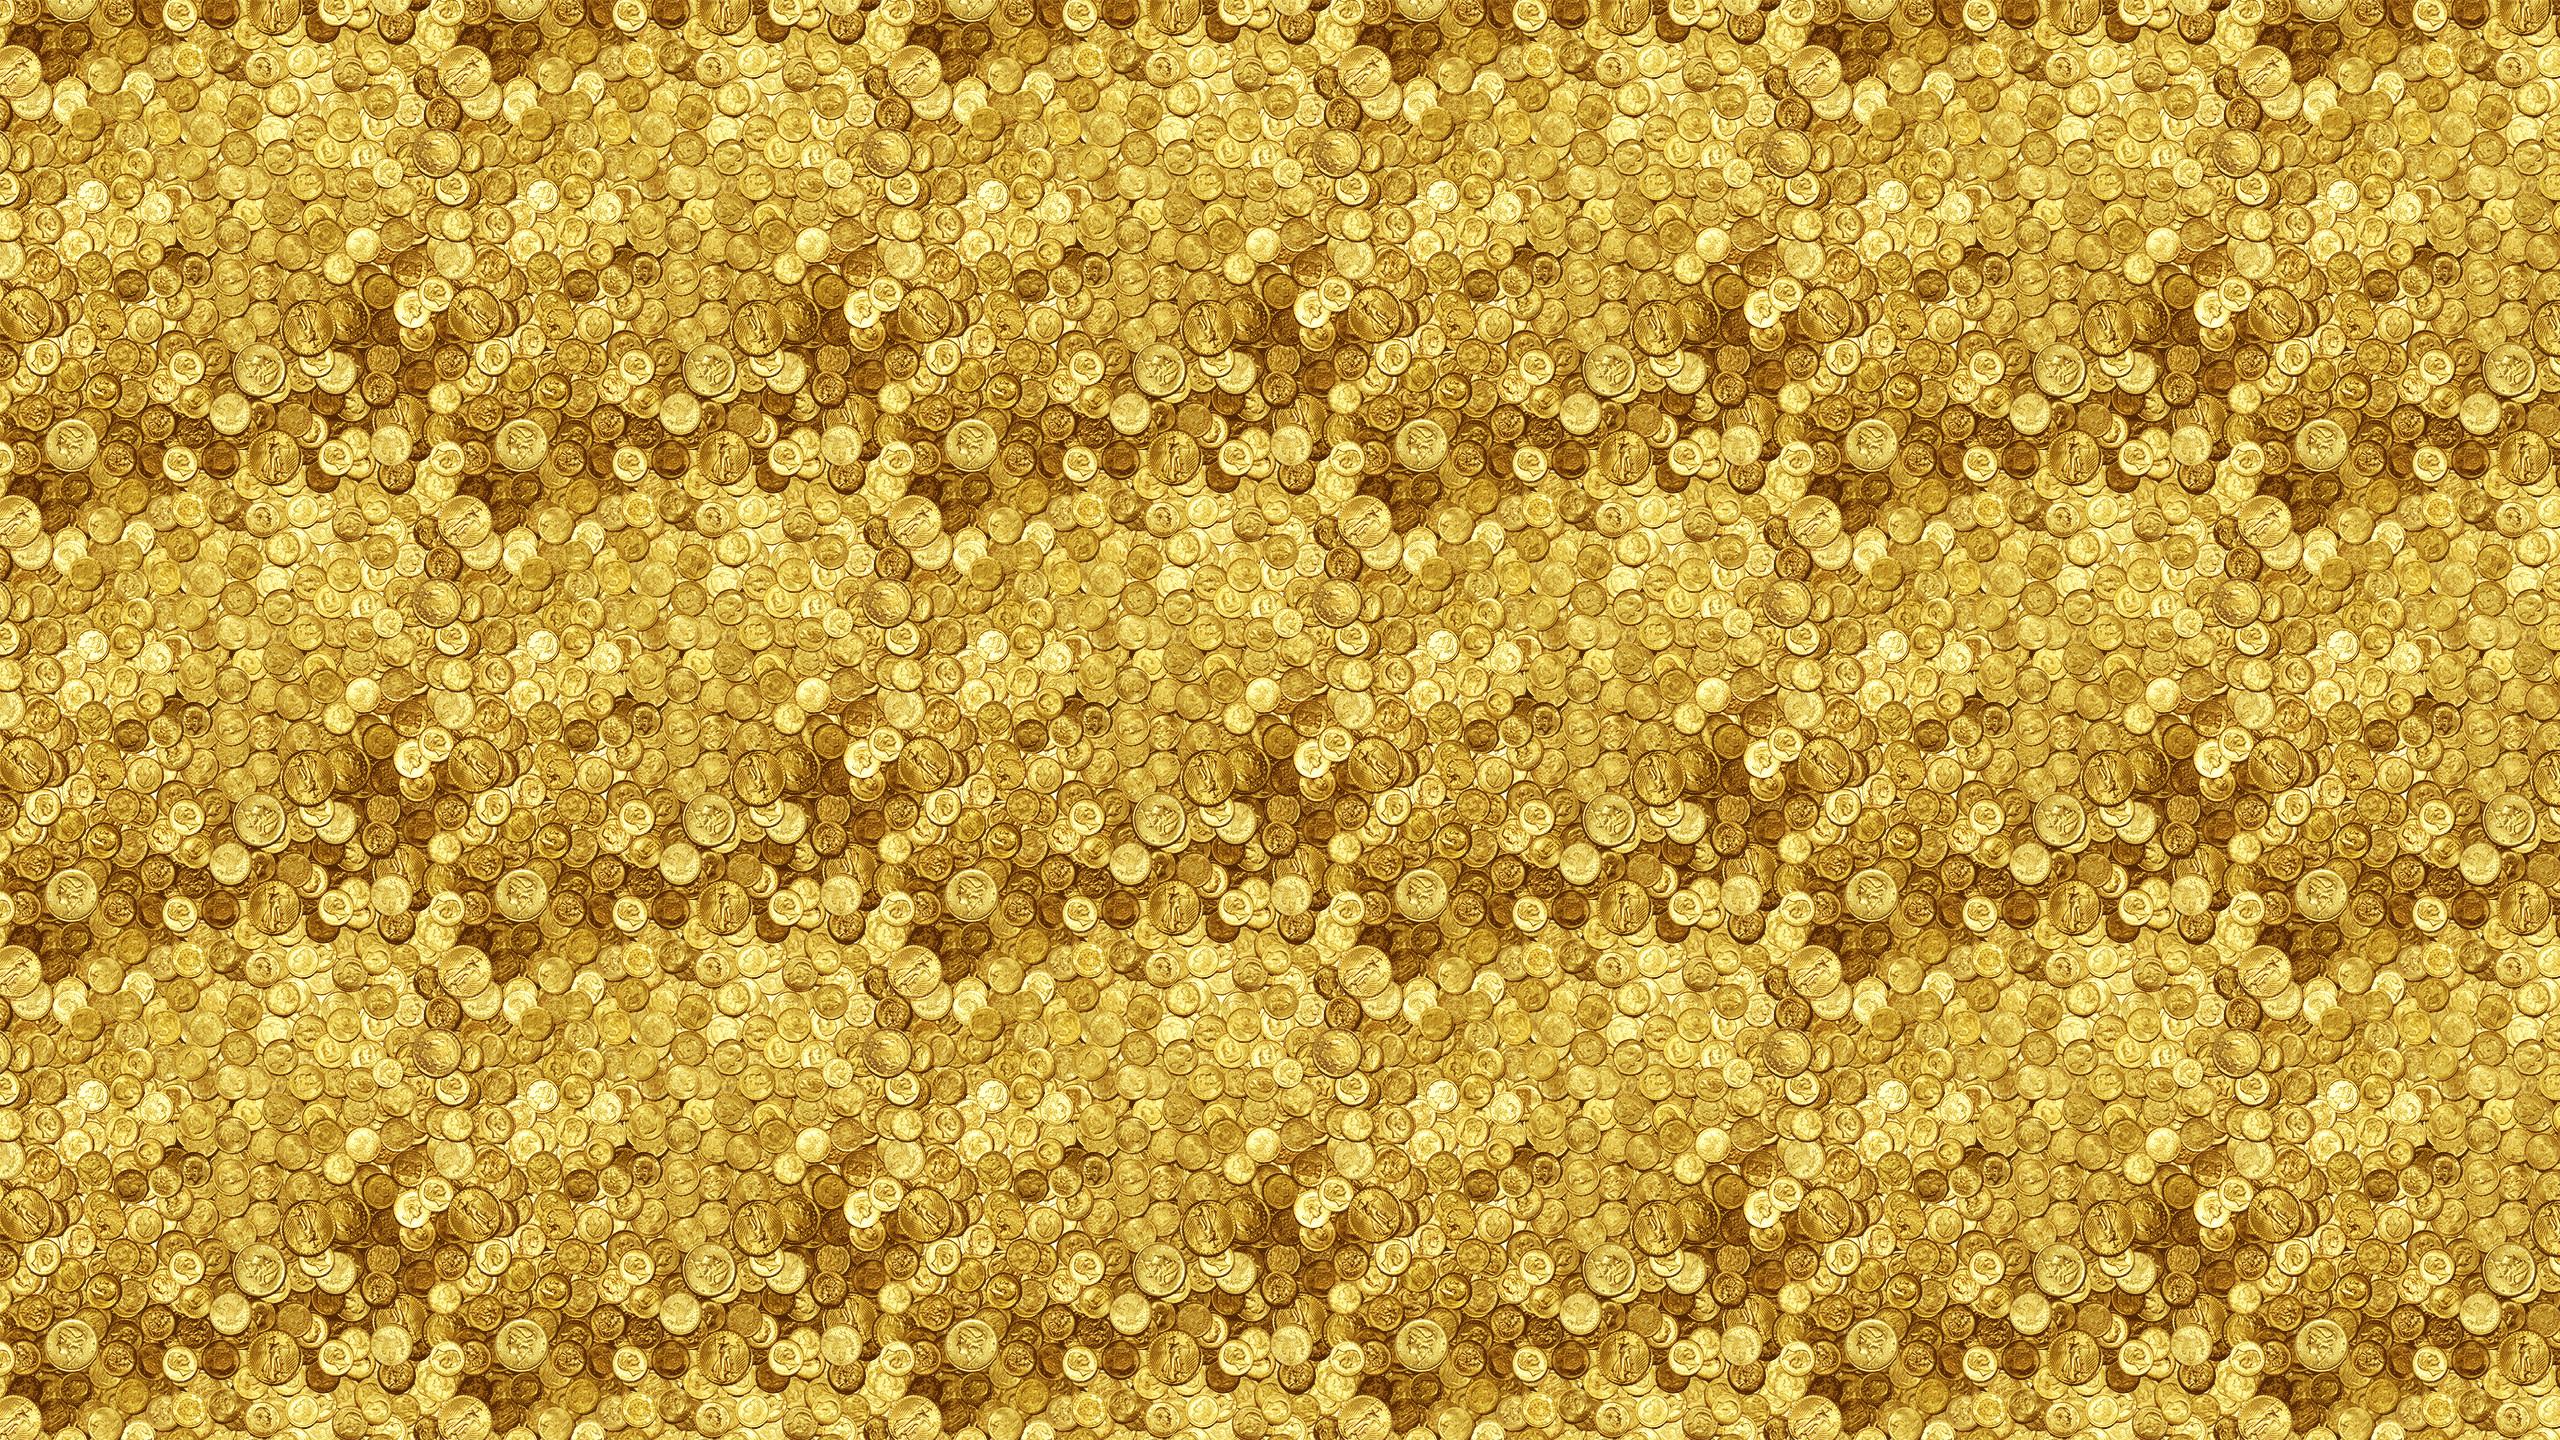 Картинки золотой фон хорошем качестве